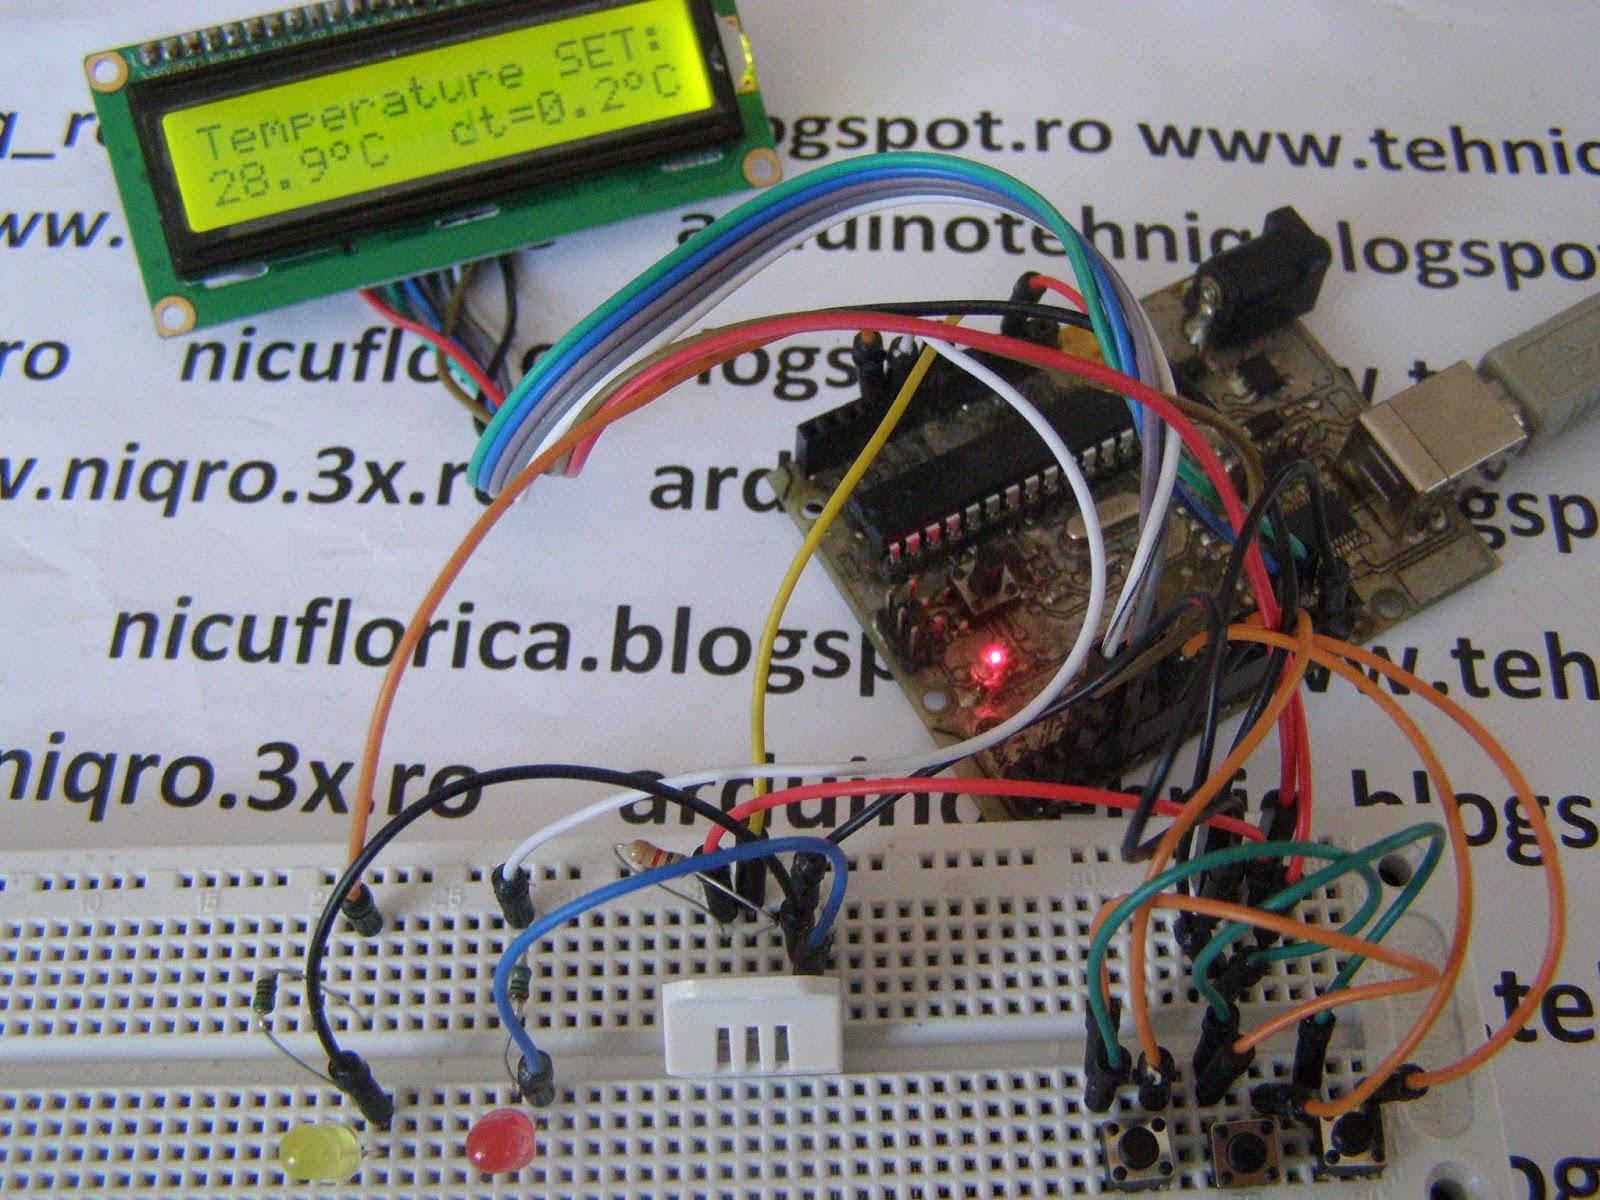 Nicu Florica Niq Ro August 2015 Circuit Pic16f628 Rf Remote Buton 433mhz Button Reglaj Interval Acceptat De Scadere A Temperaturii Odata Depasita Histerezis